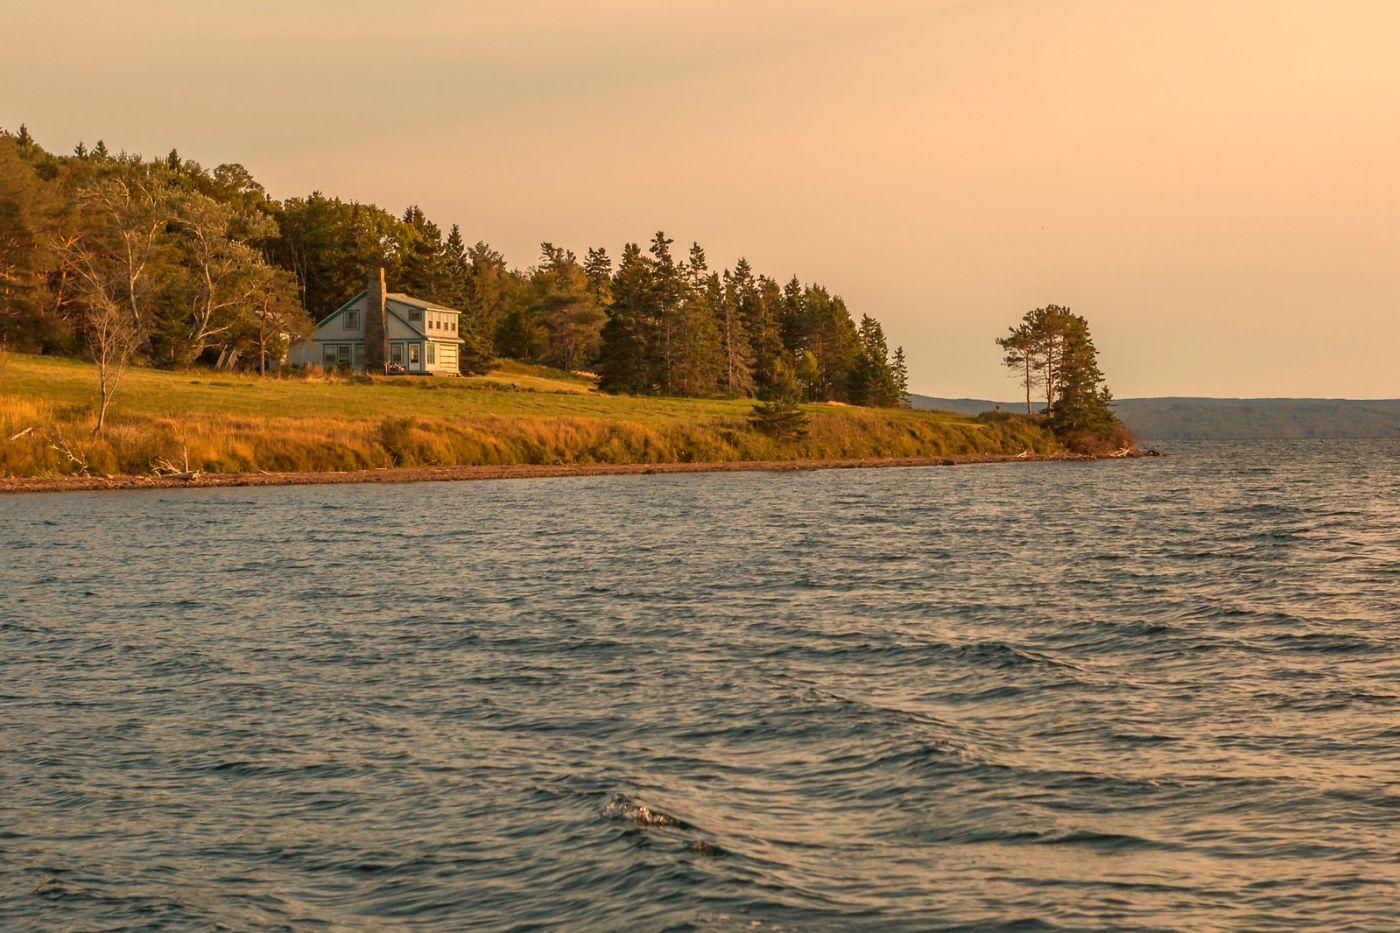 加拿大Nova Scotia, 帆船灯塔老鹰_图1-30